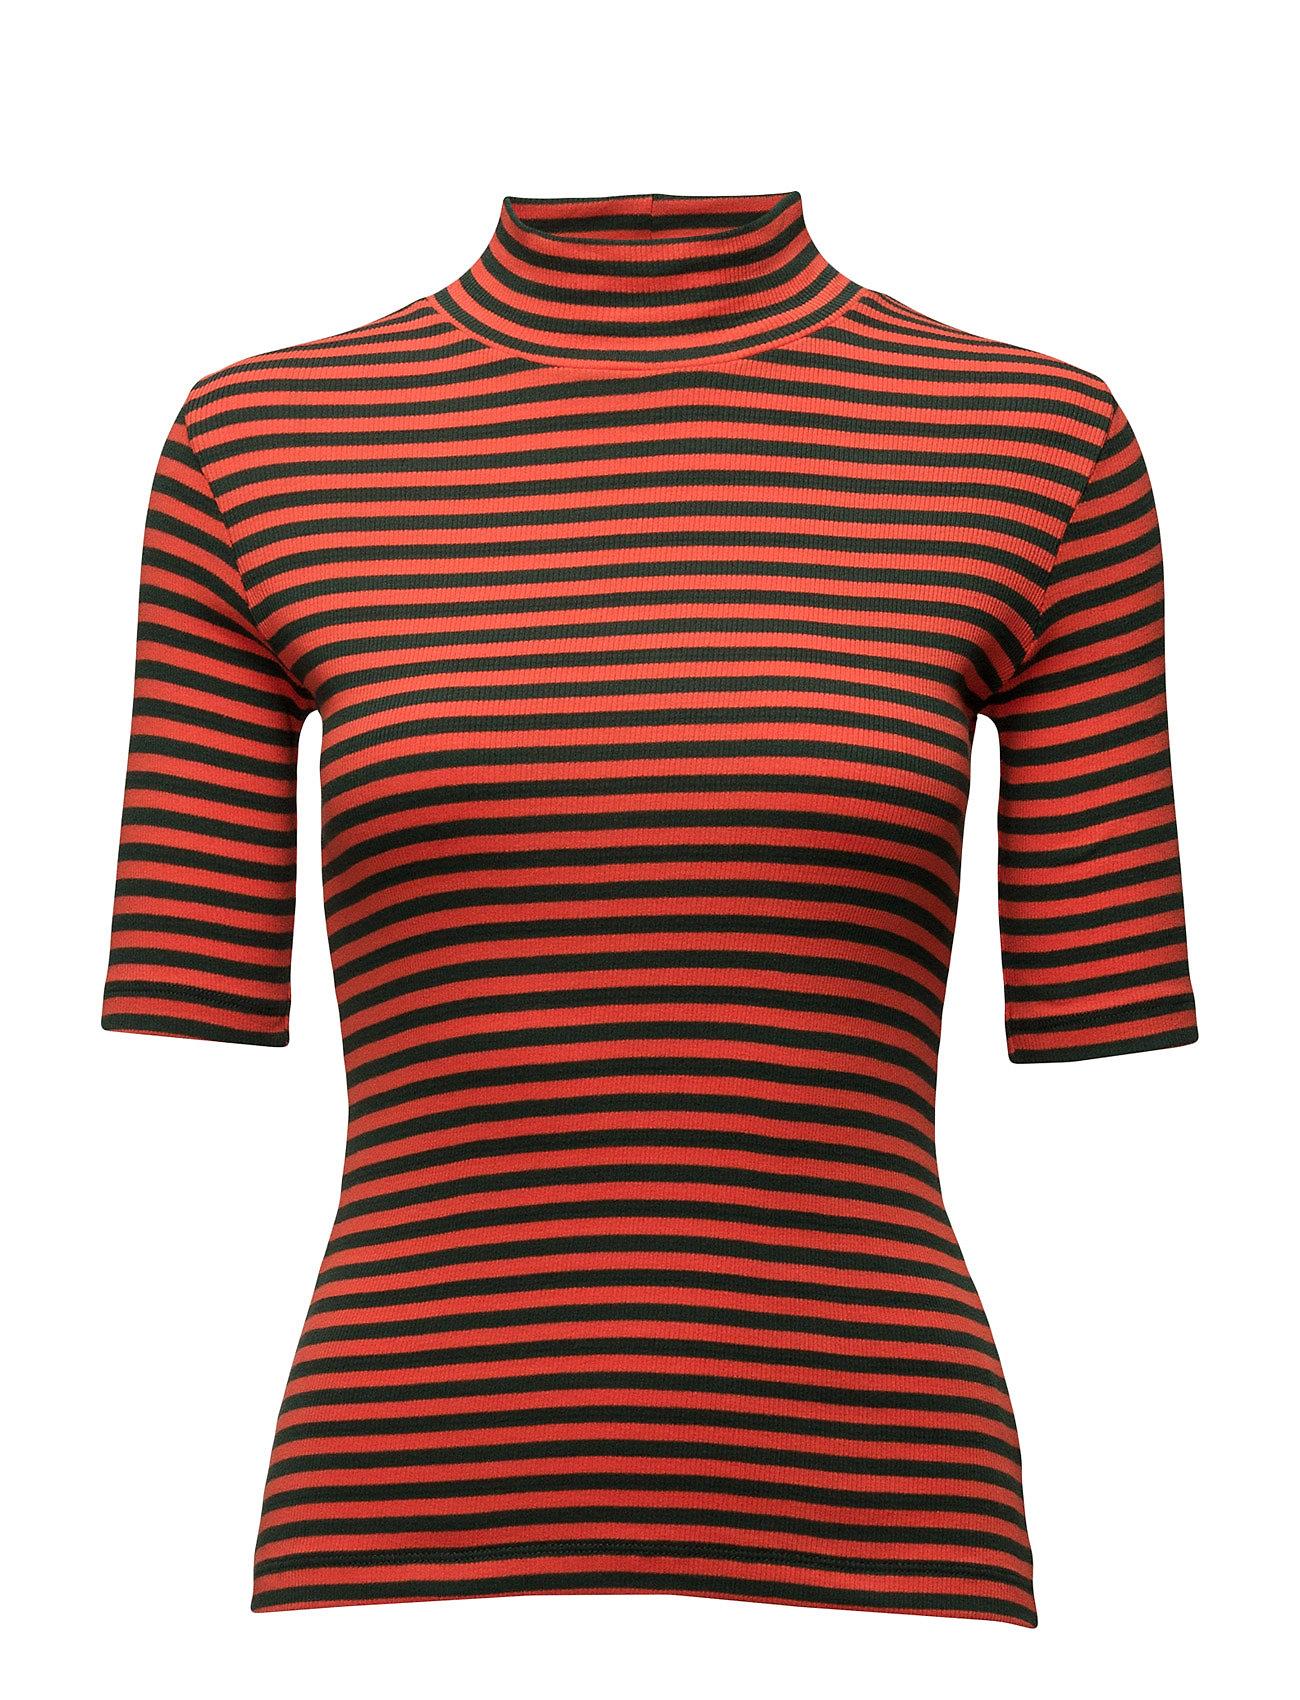 2x2 Soft Stripe Tuqina Mads Nørgaard Kortærmede til Damer i orange